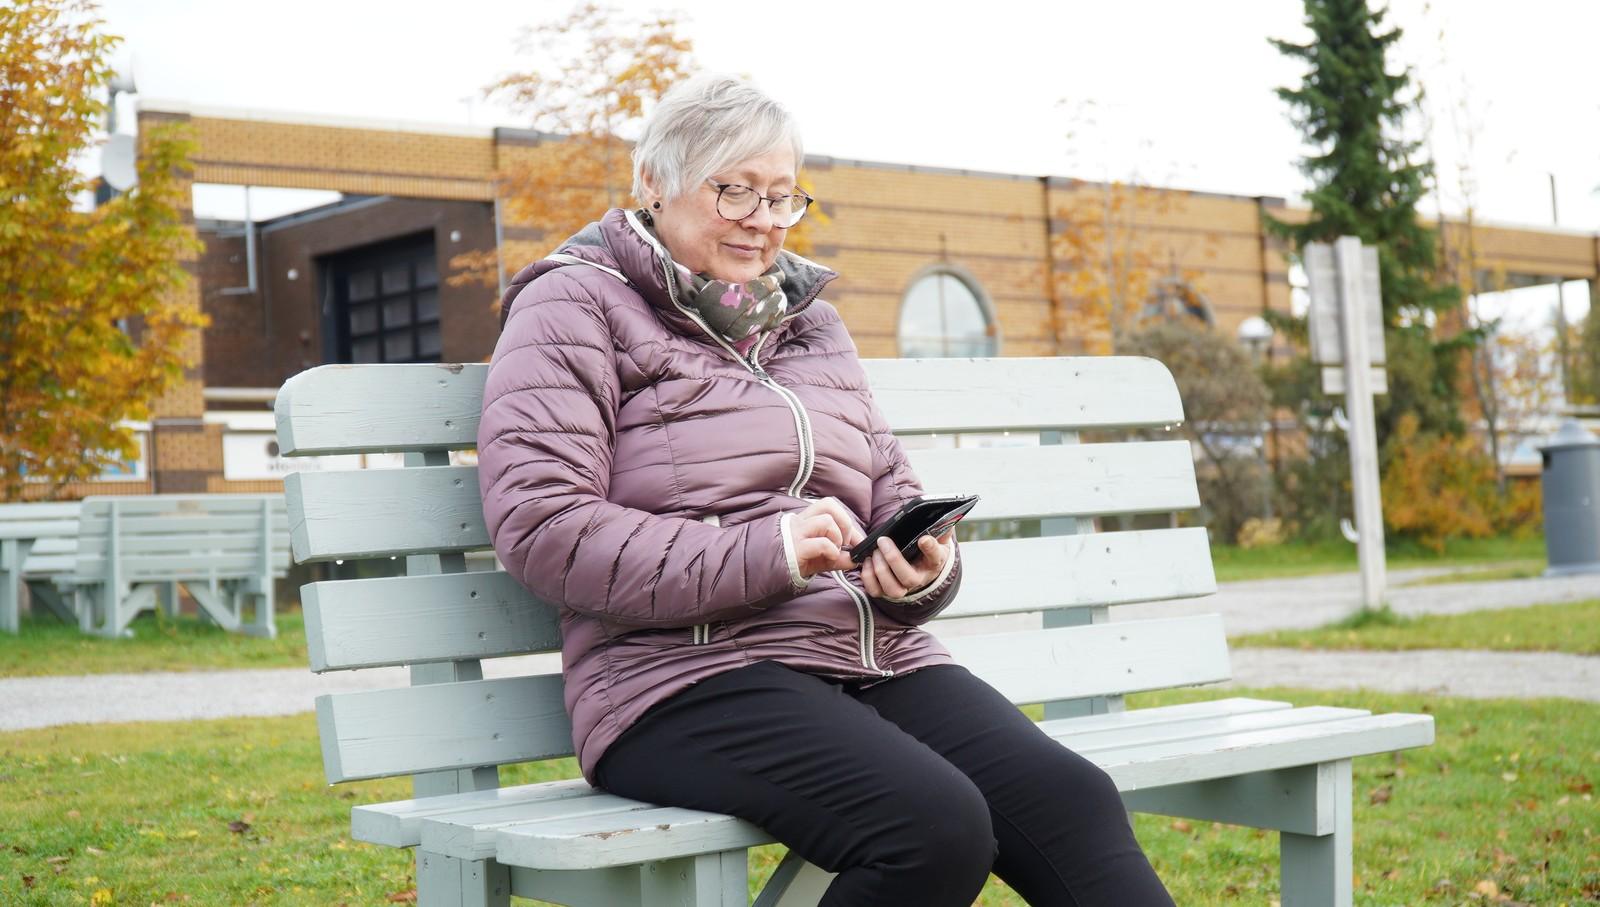 FOTO: JULIE HAUGEN EGGE/NRK